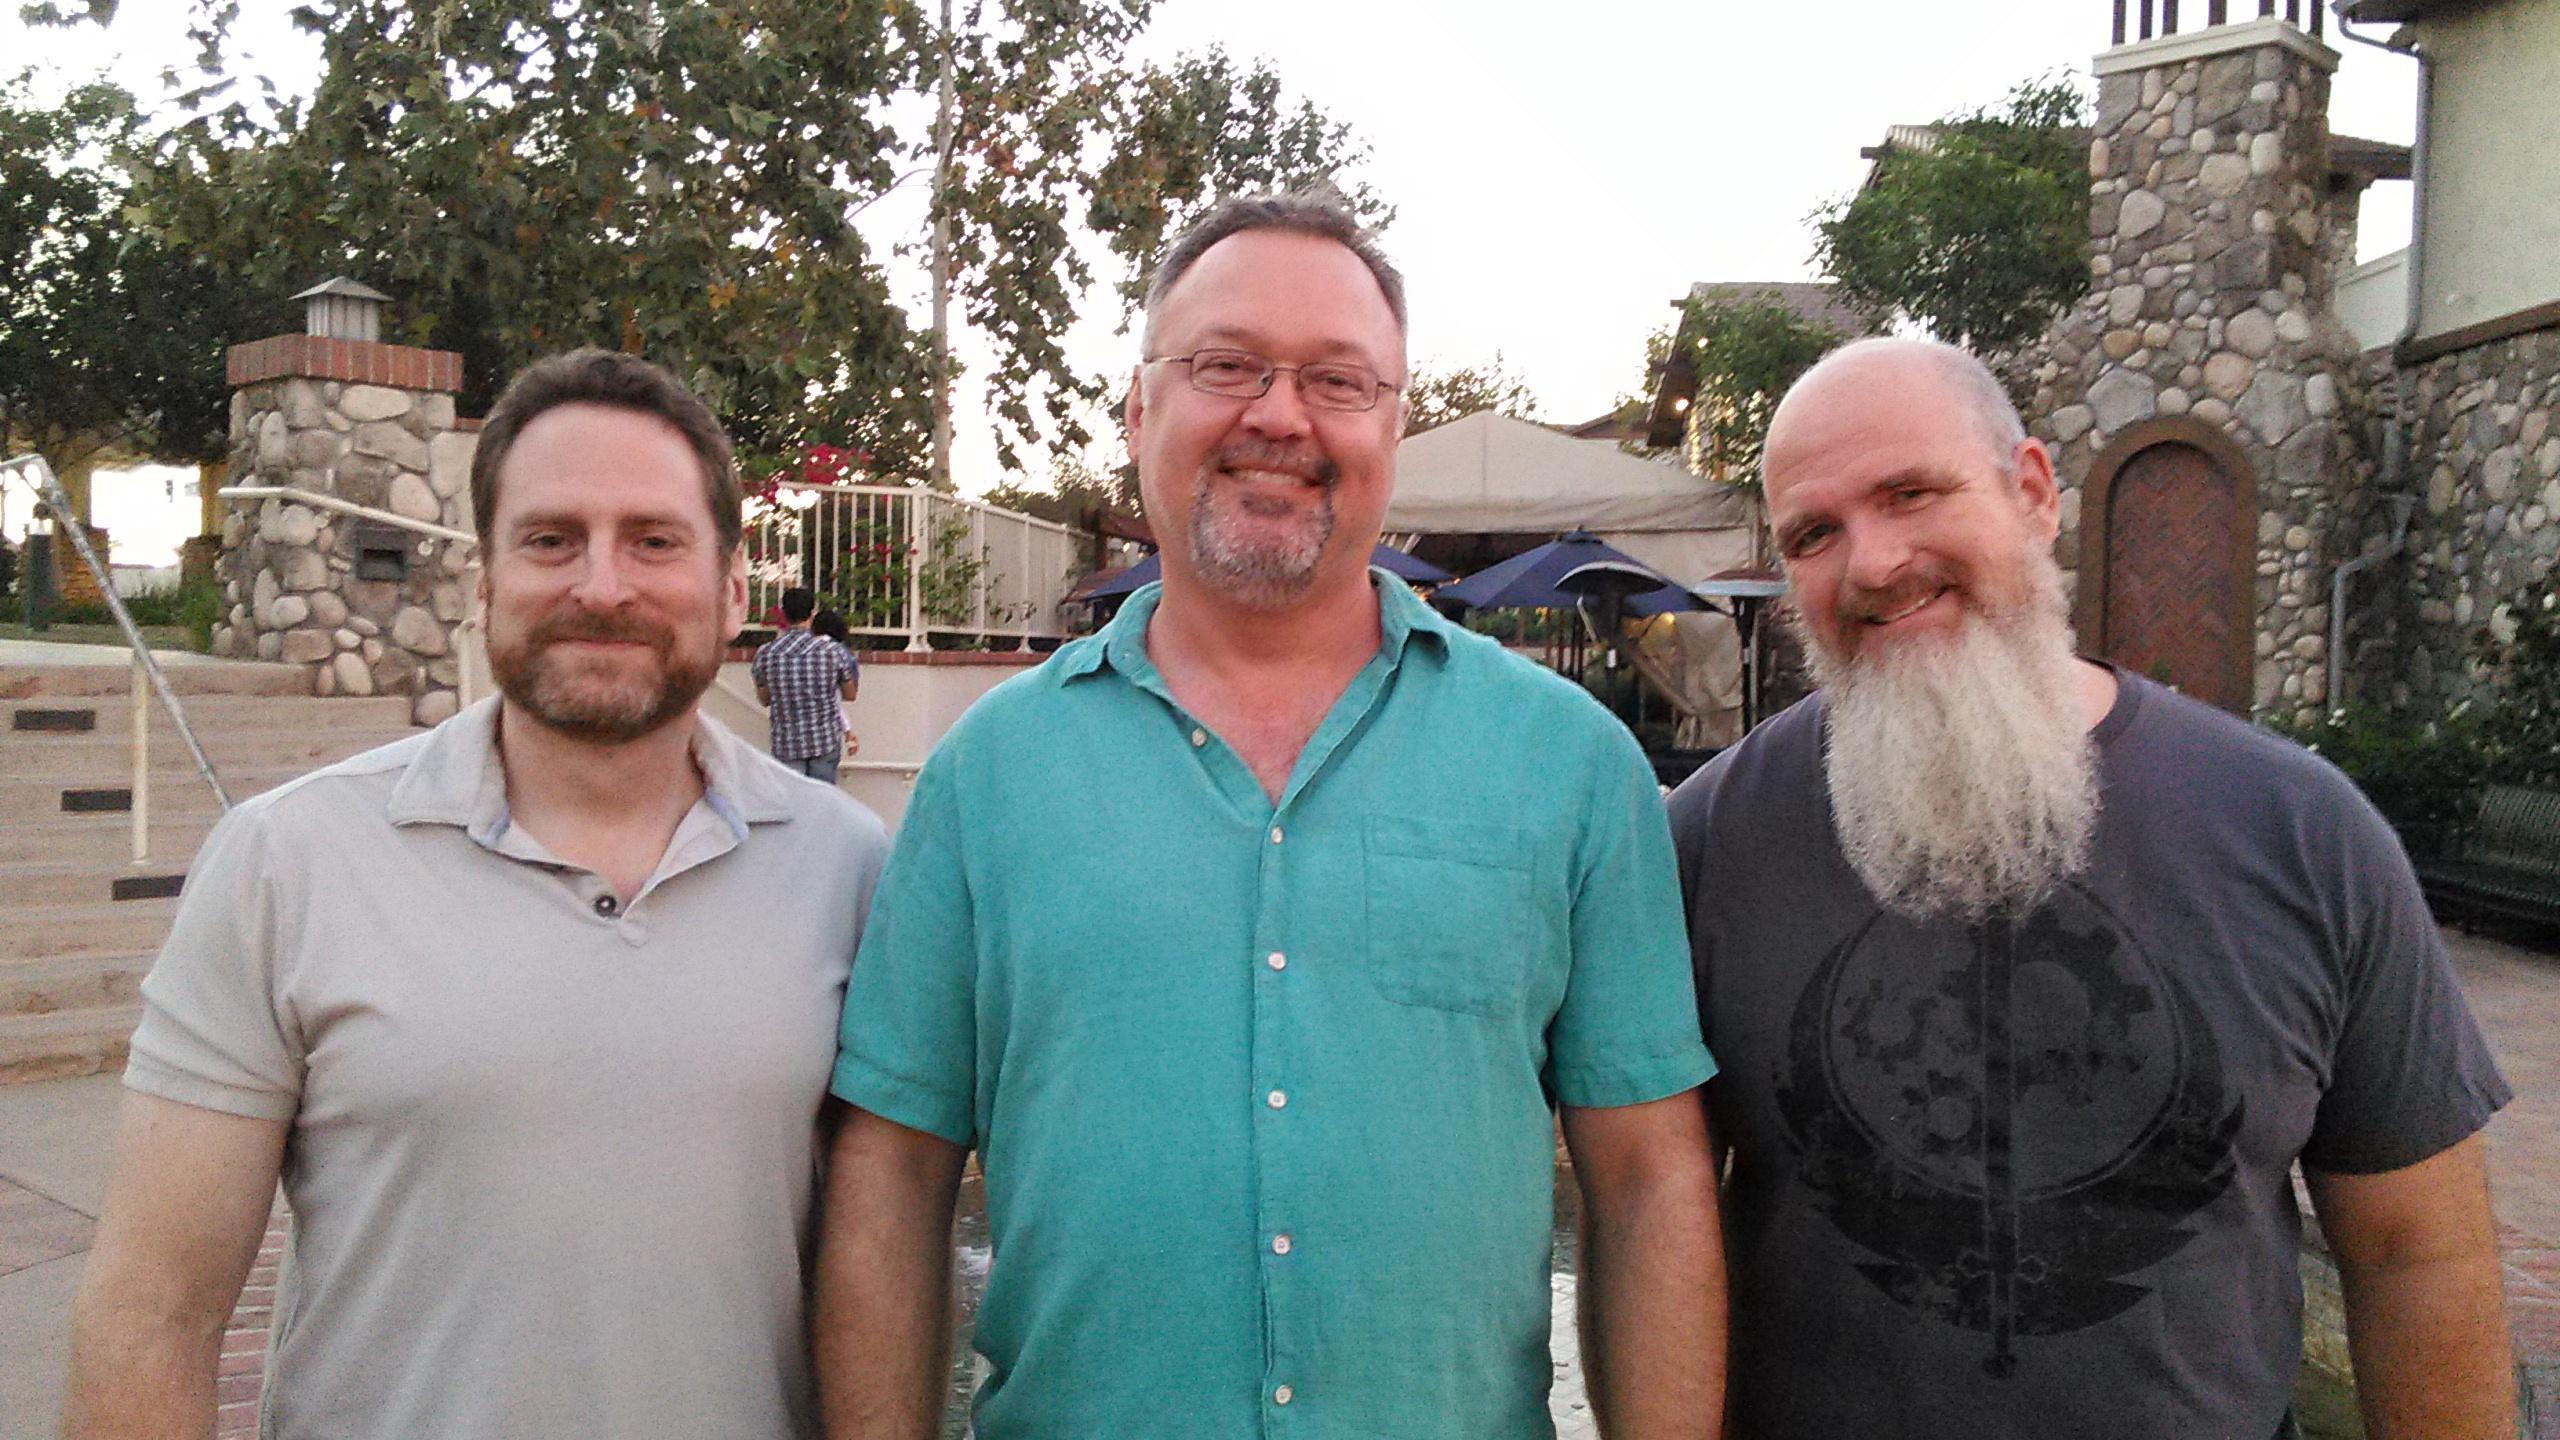 Kết quả hình ảnh cho Tim Cain, Leonard boyarsky and Jason Anderson